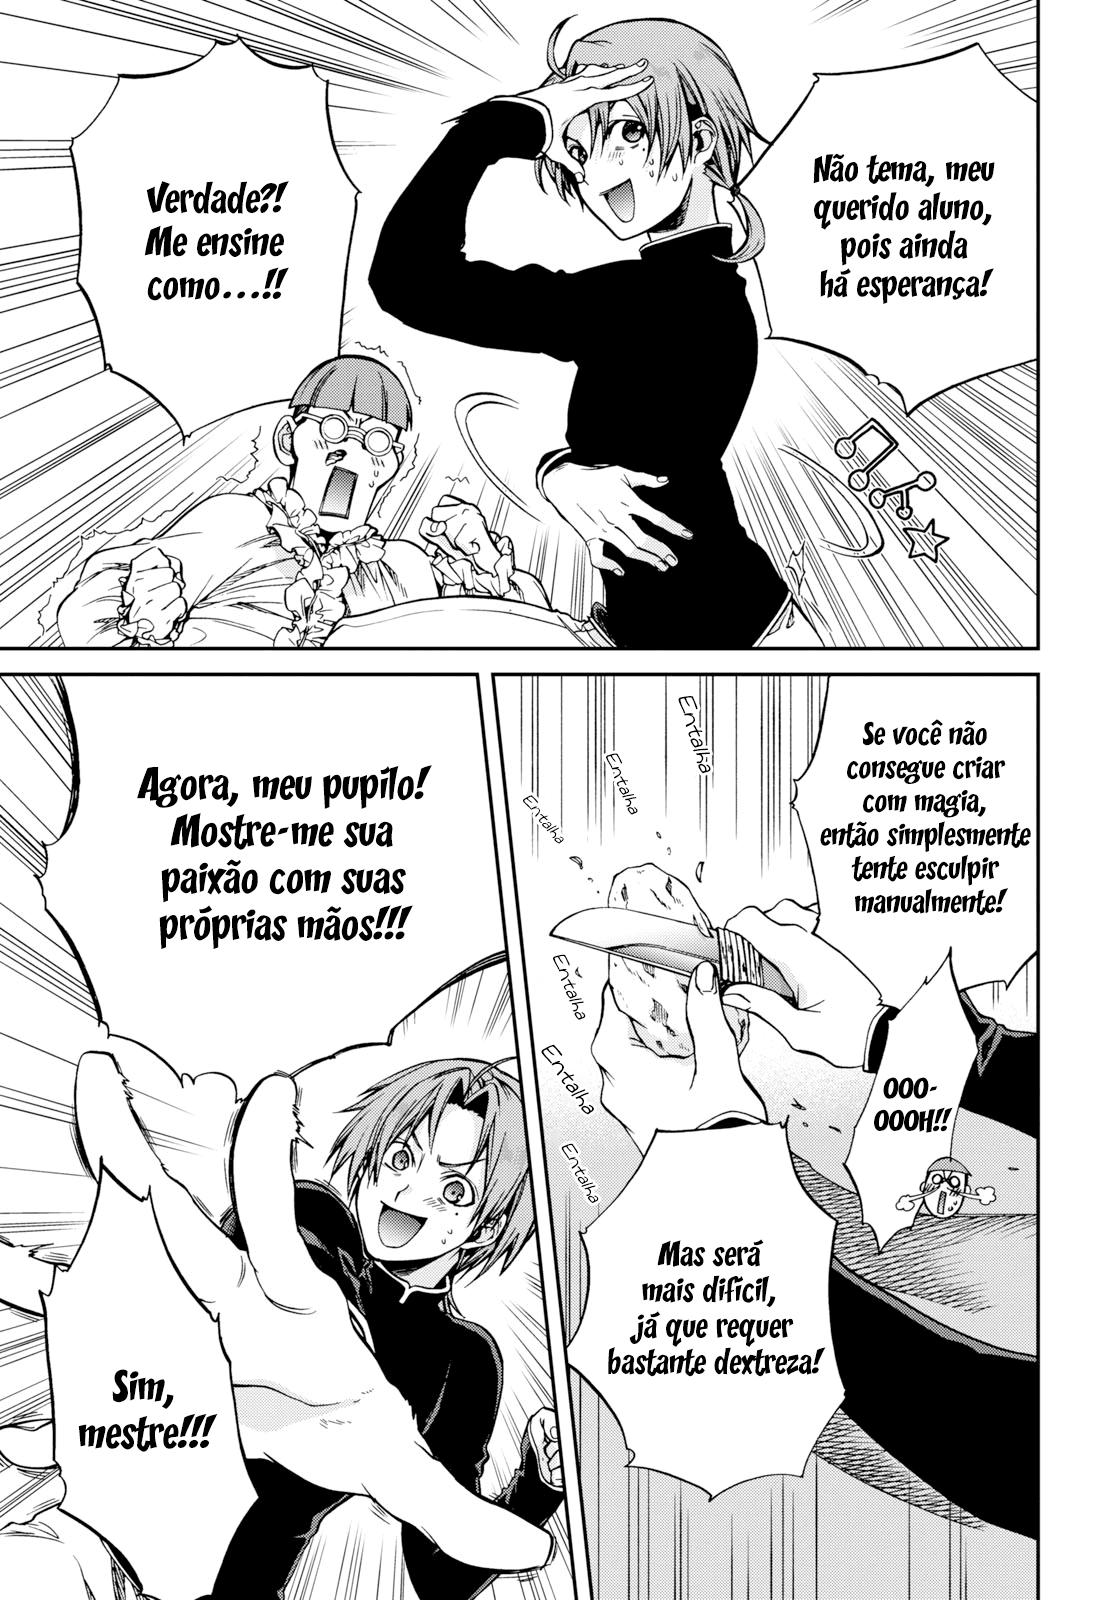 Mushoku Tensei: Isekai Ittara Honki Dasu / Mushoku Tensei: Jobless Reincarnation Mangá Online Capítulo 57